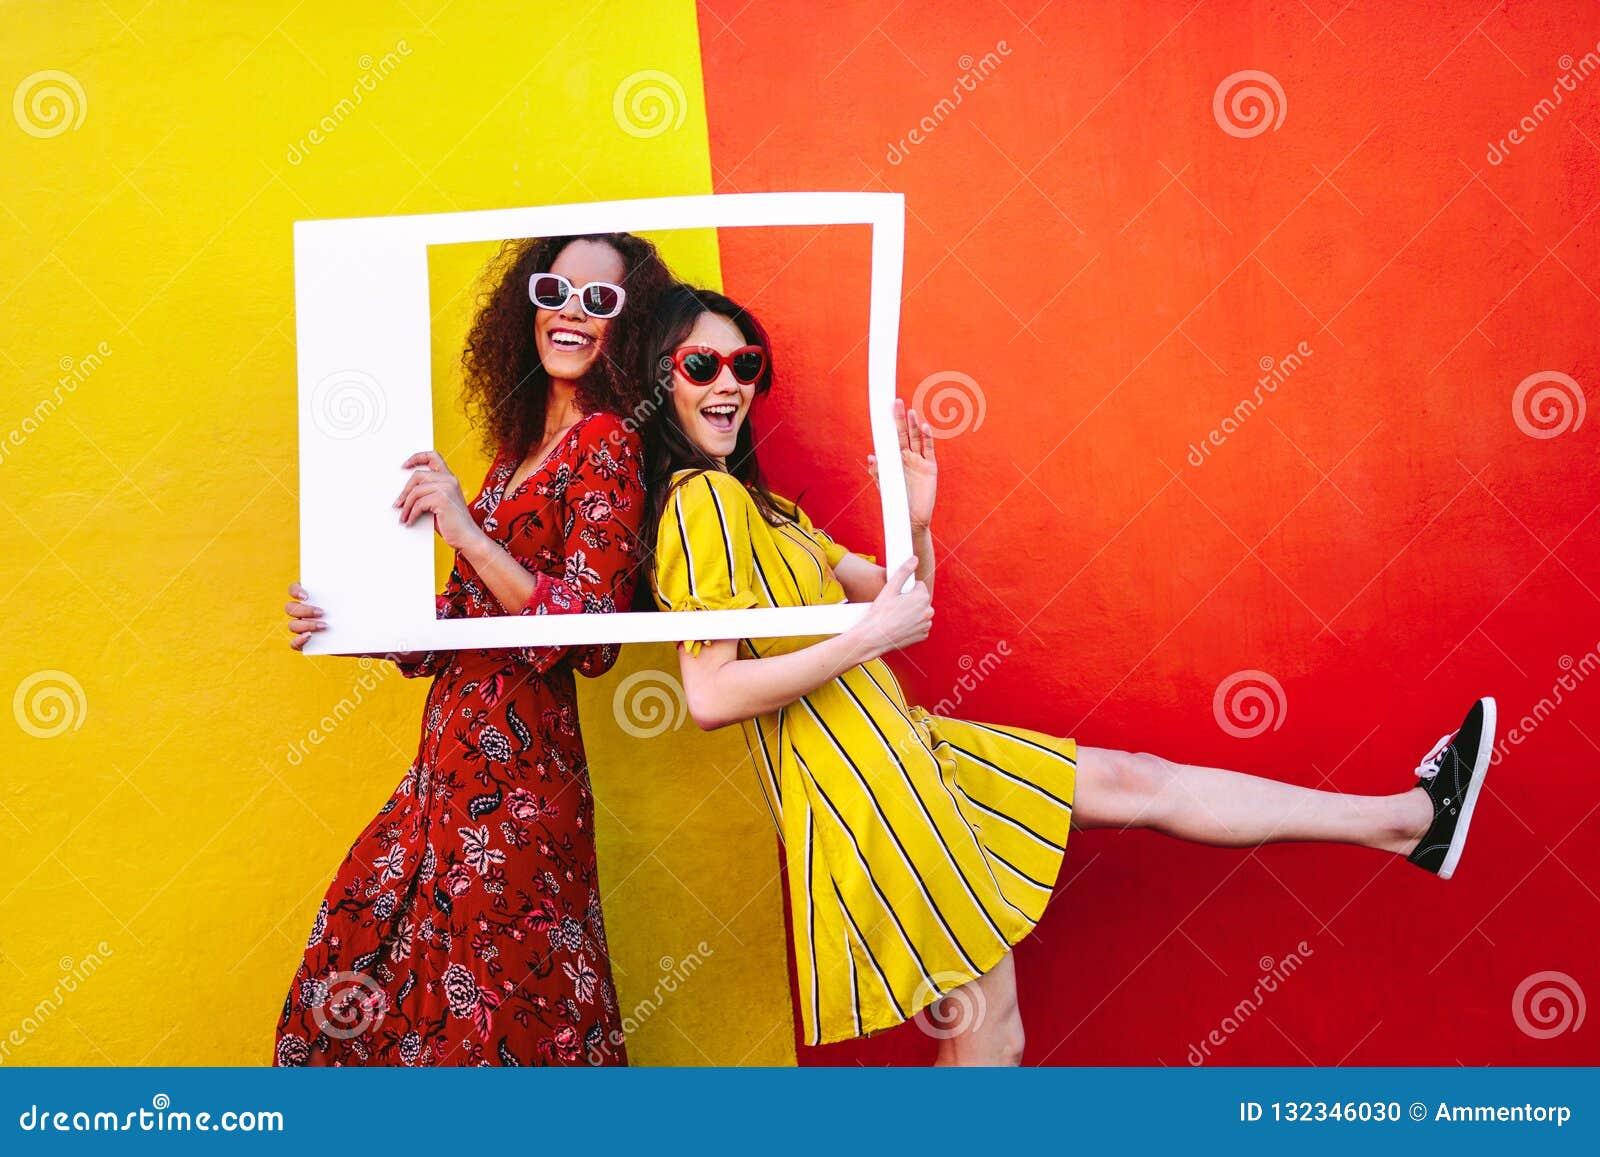 Συγκινημένοι φίλοι κοριτσιών με το κενό πλαίσιο φωτογραφιών